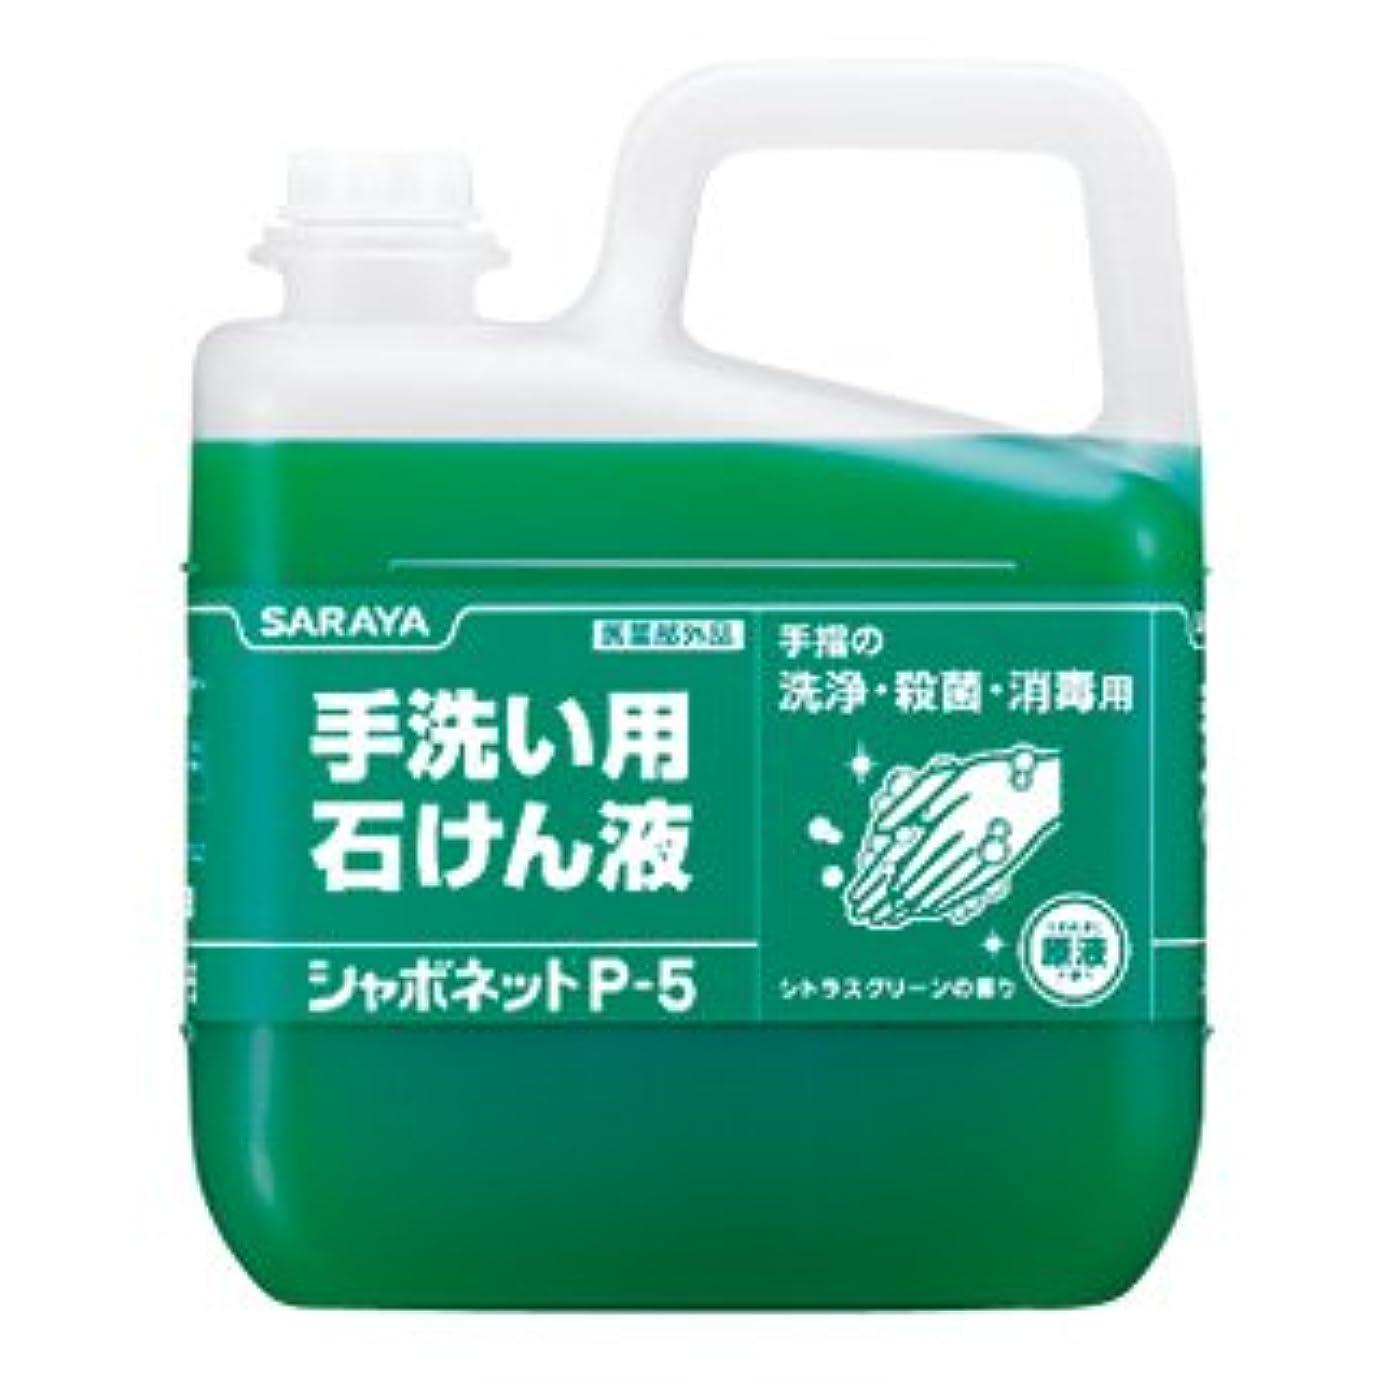 ビタミンカロリーマリナーサラヤ シャボネット P-5 5kg×3 シトラスグリーンの香り